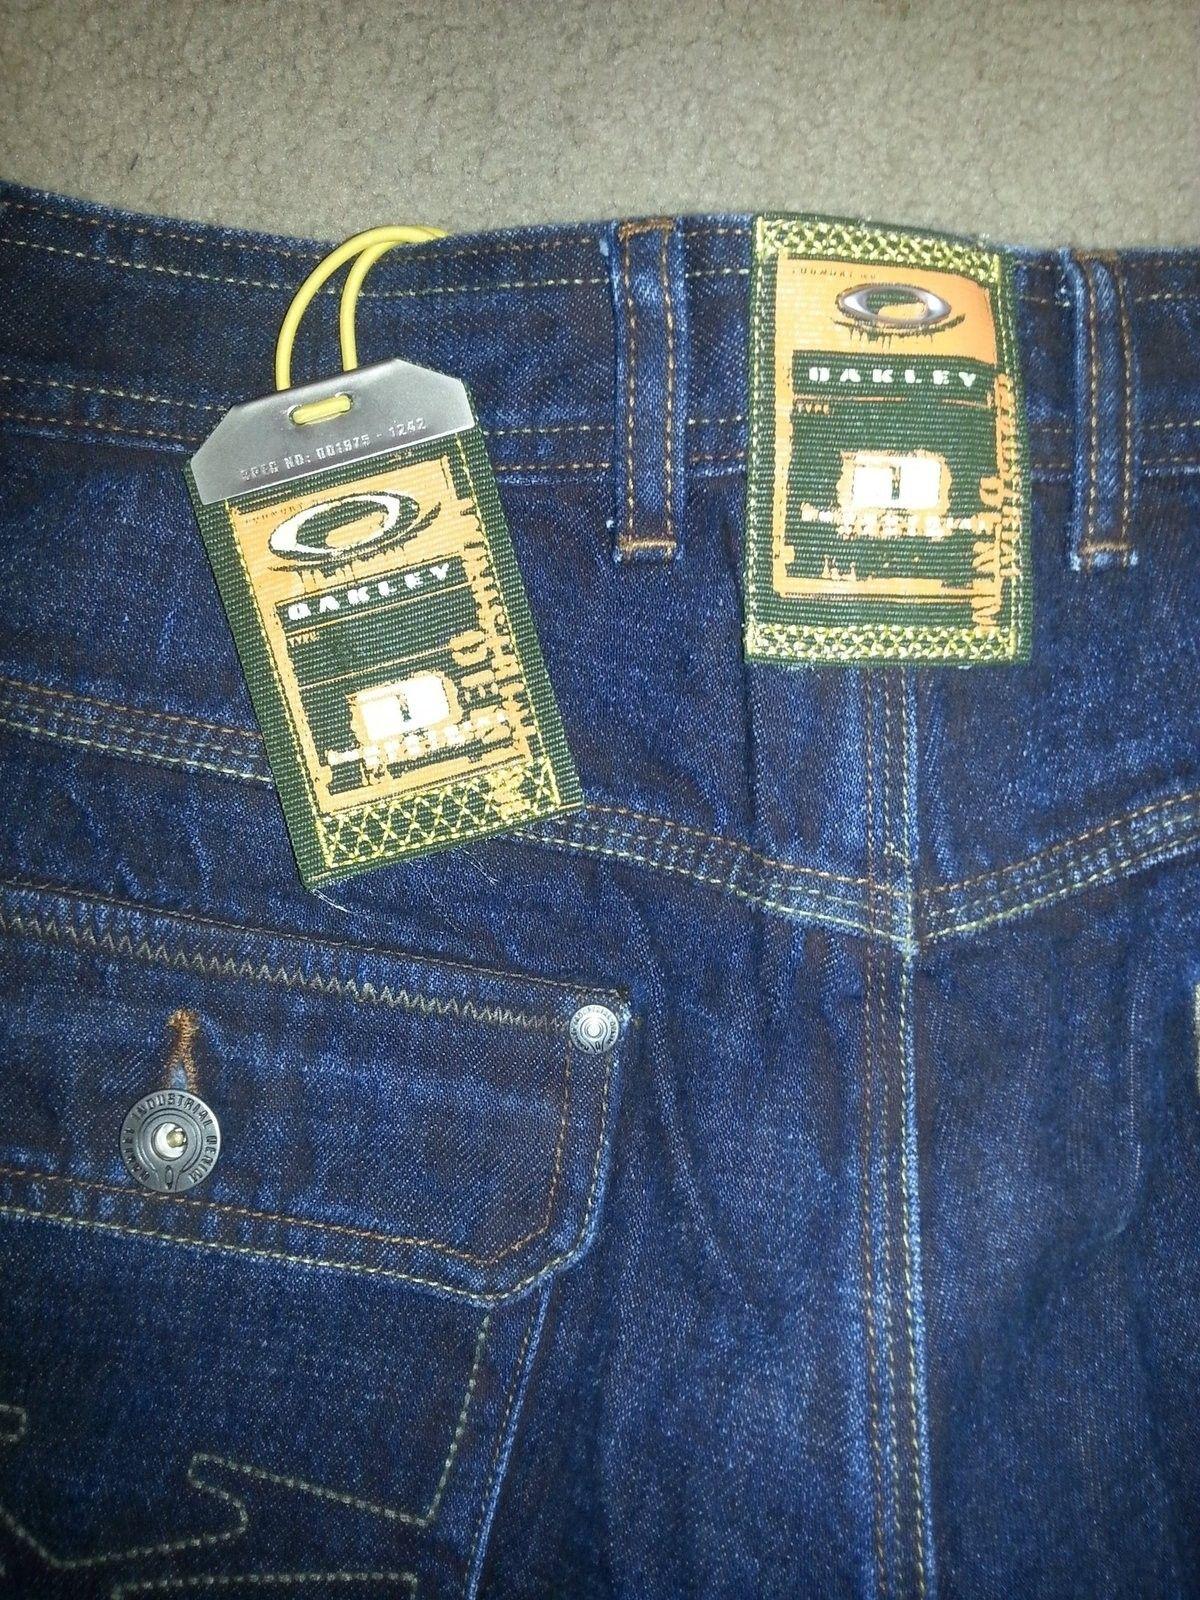 X-Metal industrial jeans. - 20150110_115308.jpg